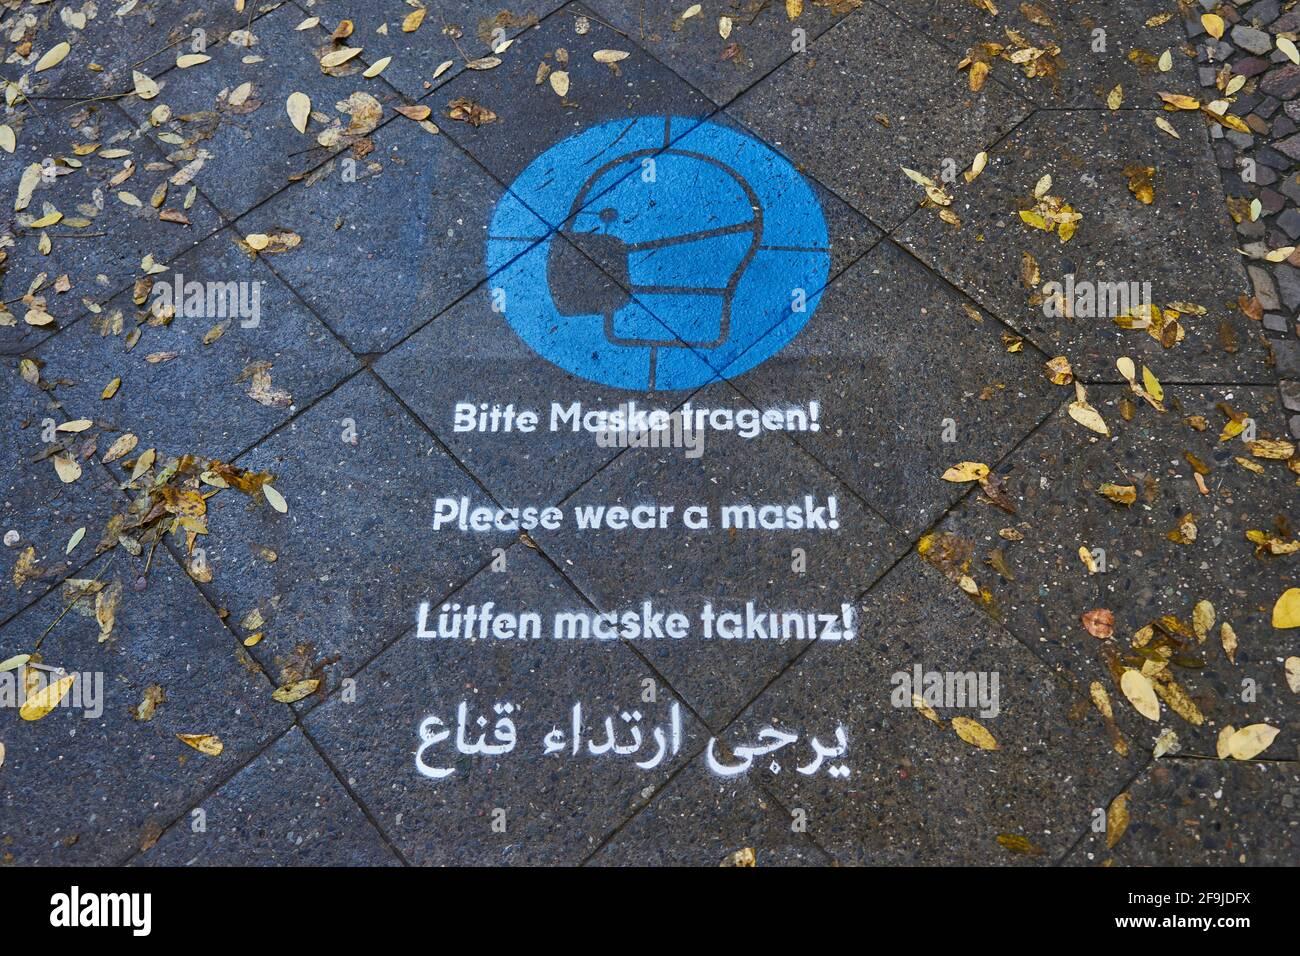 Boden-Piktogramm mit Hinweis zum Masken tragen, mehrsprachig, Infektionsschutz gegen Covid 19, Bergmannstraße, Kreuzberg, Berlin, Deutschland Stock Photo